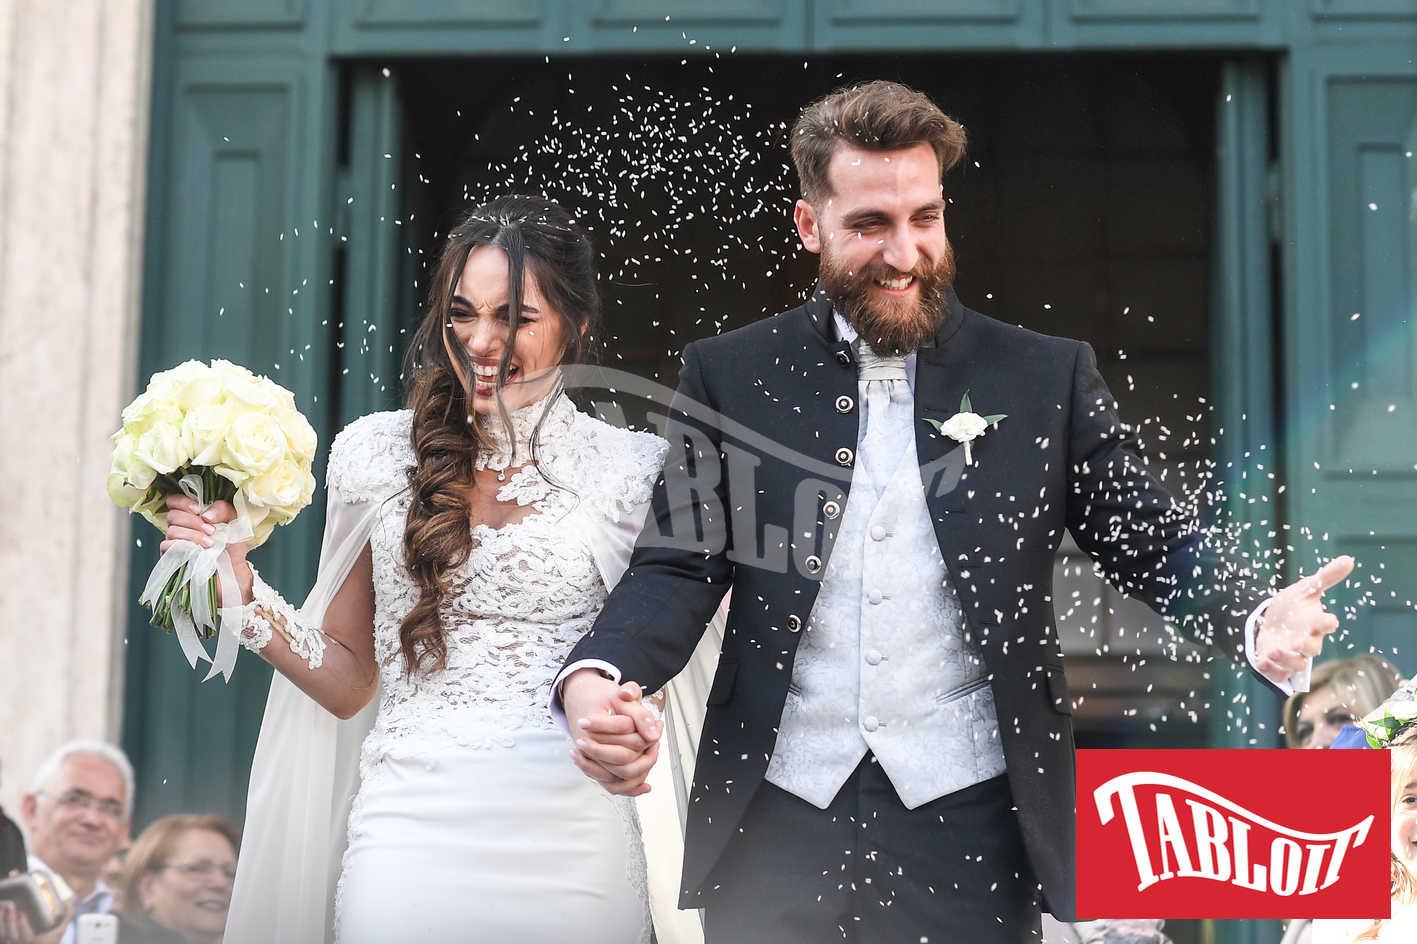 Lorella Boccia e Niccolò Presta il giorno delle nozze